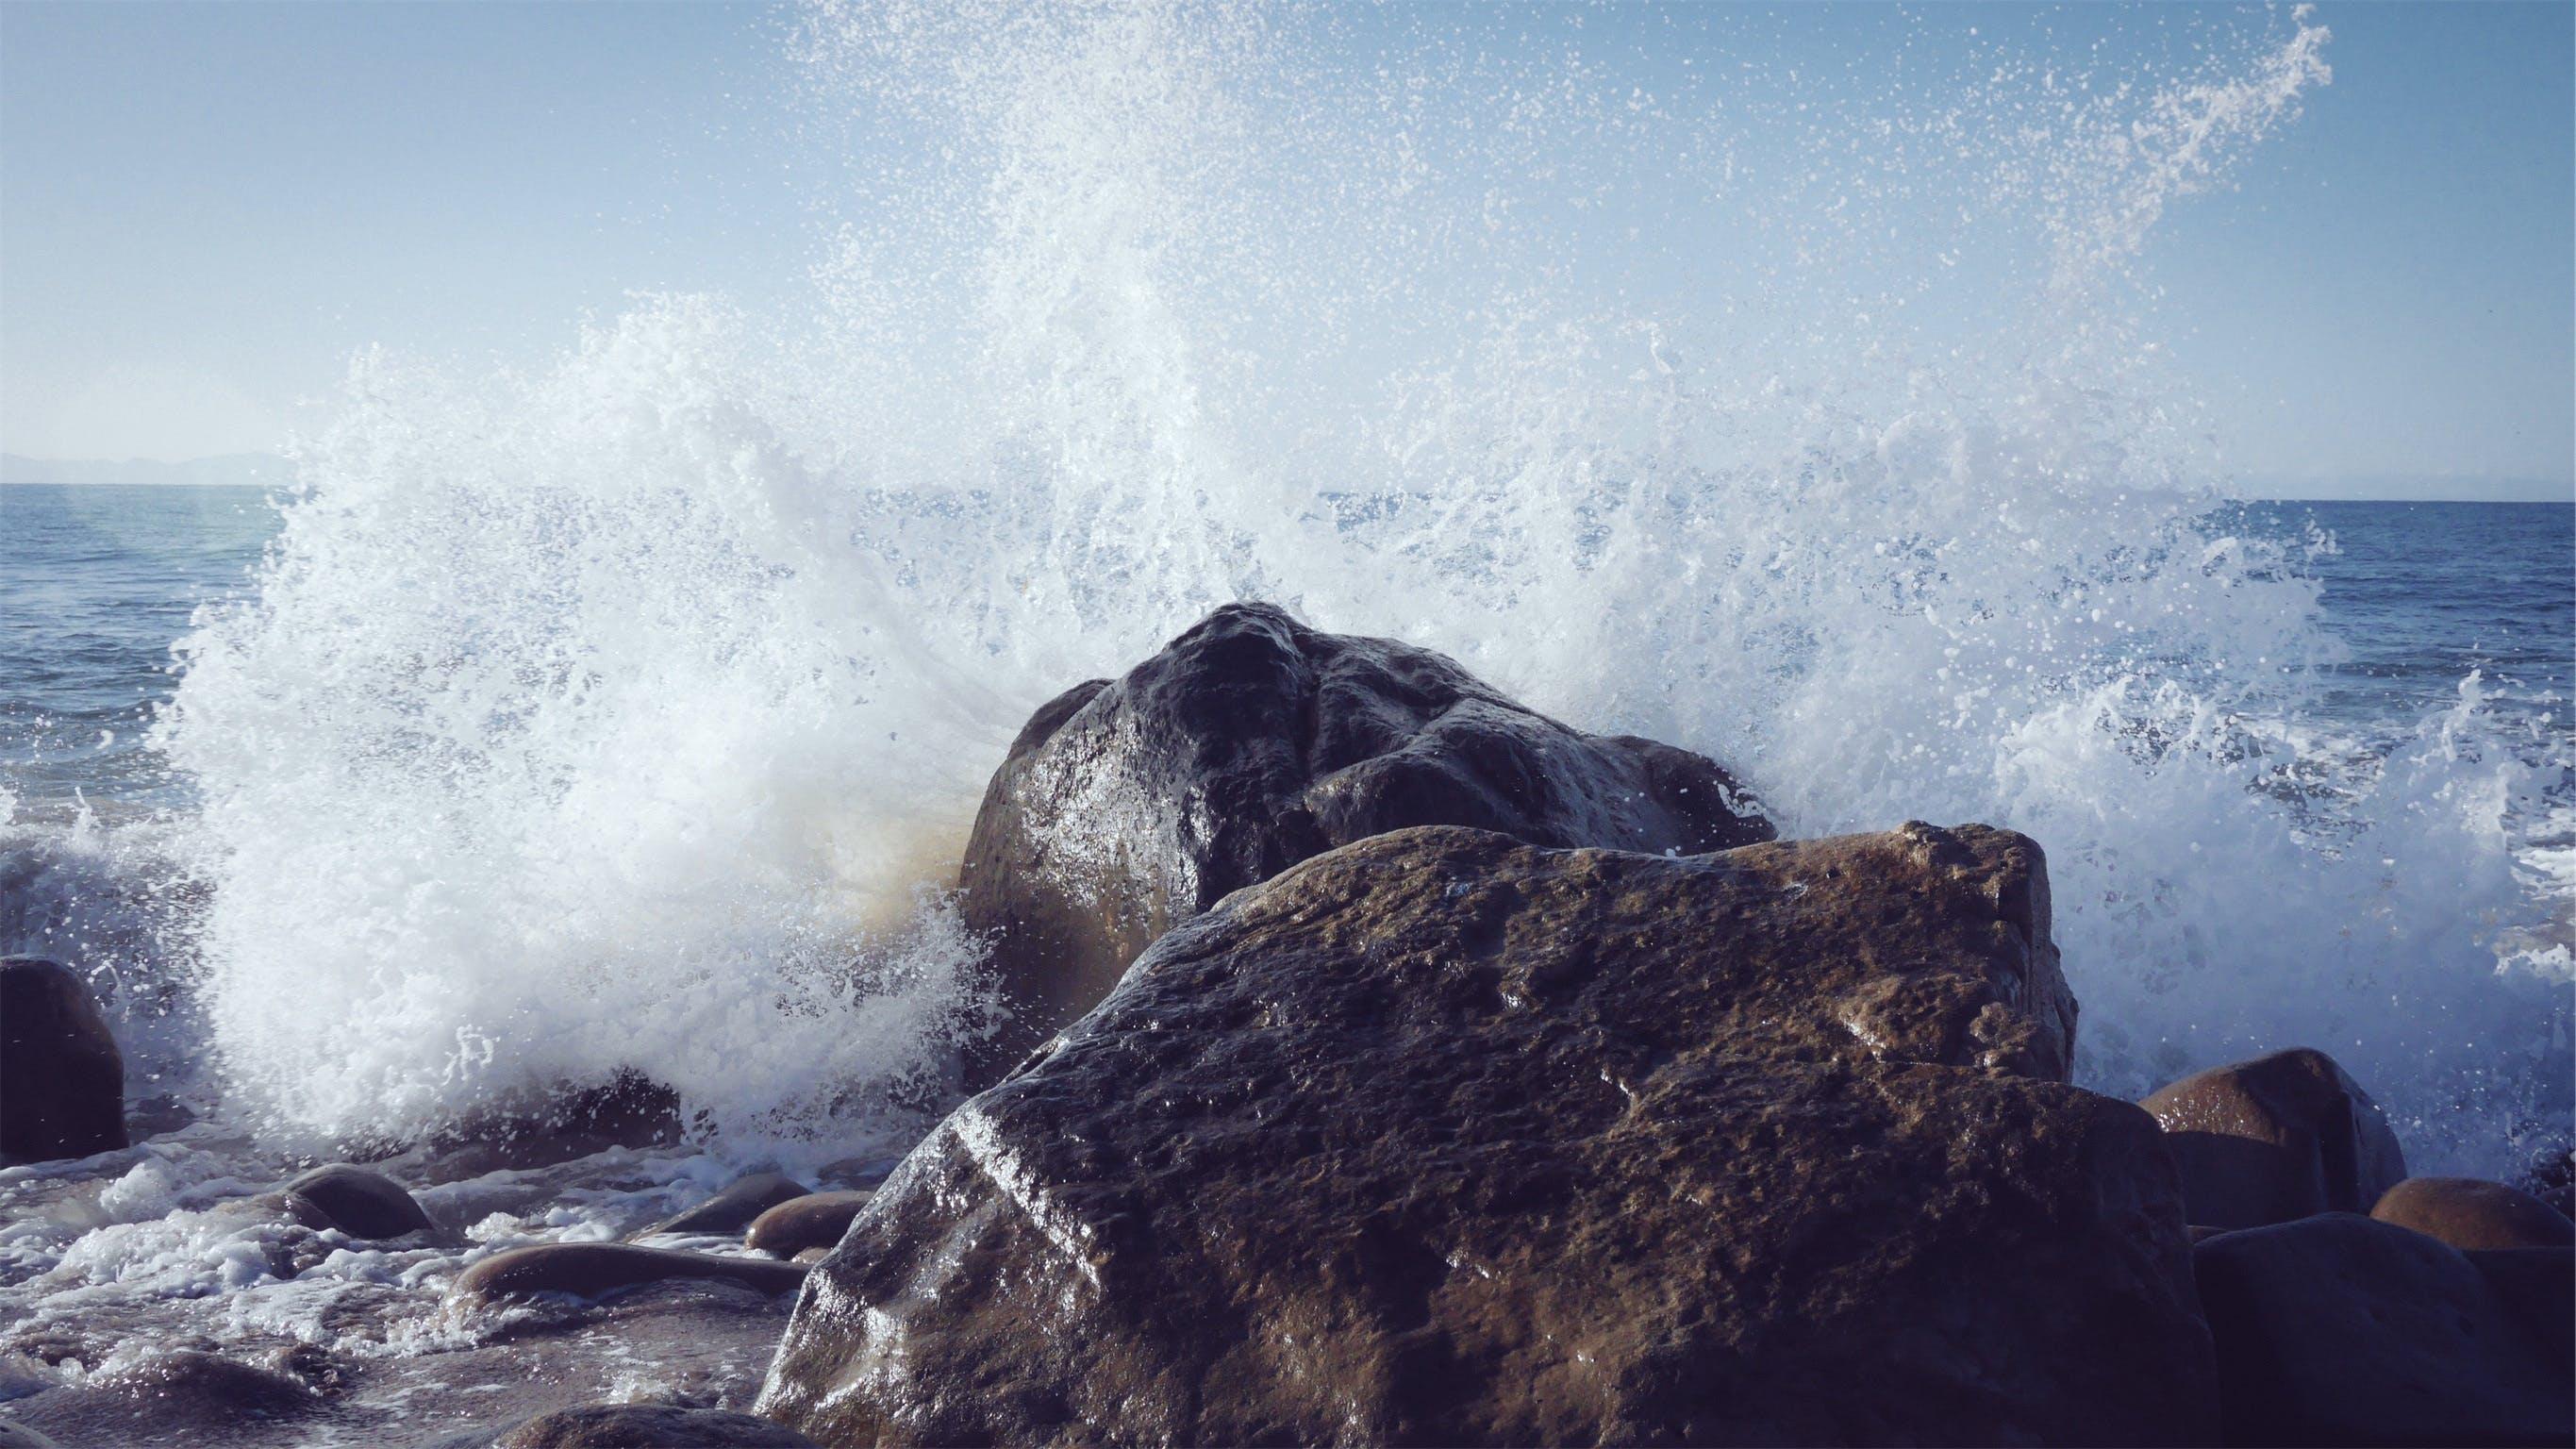 Δωρεάν στοκ φωτογραφιών με naturee, oceanshore, Surf, ακτή του ωκεανού